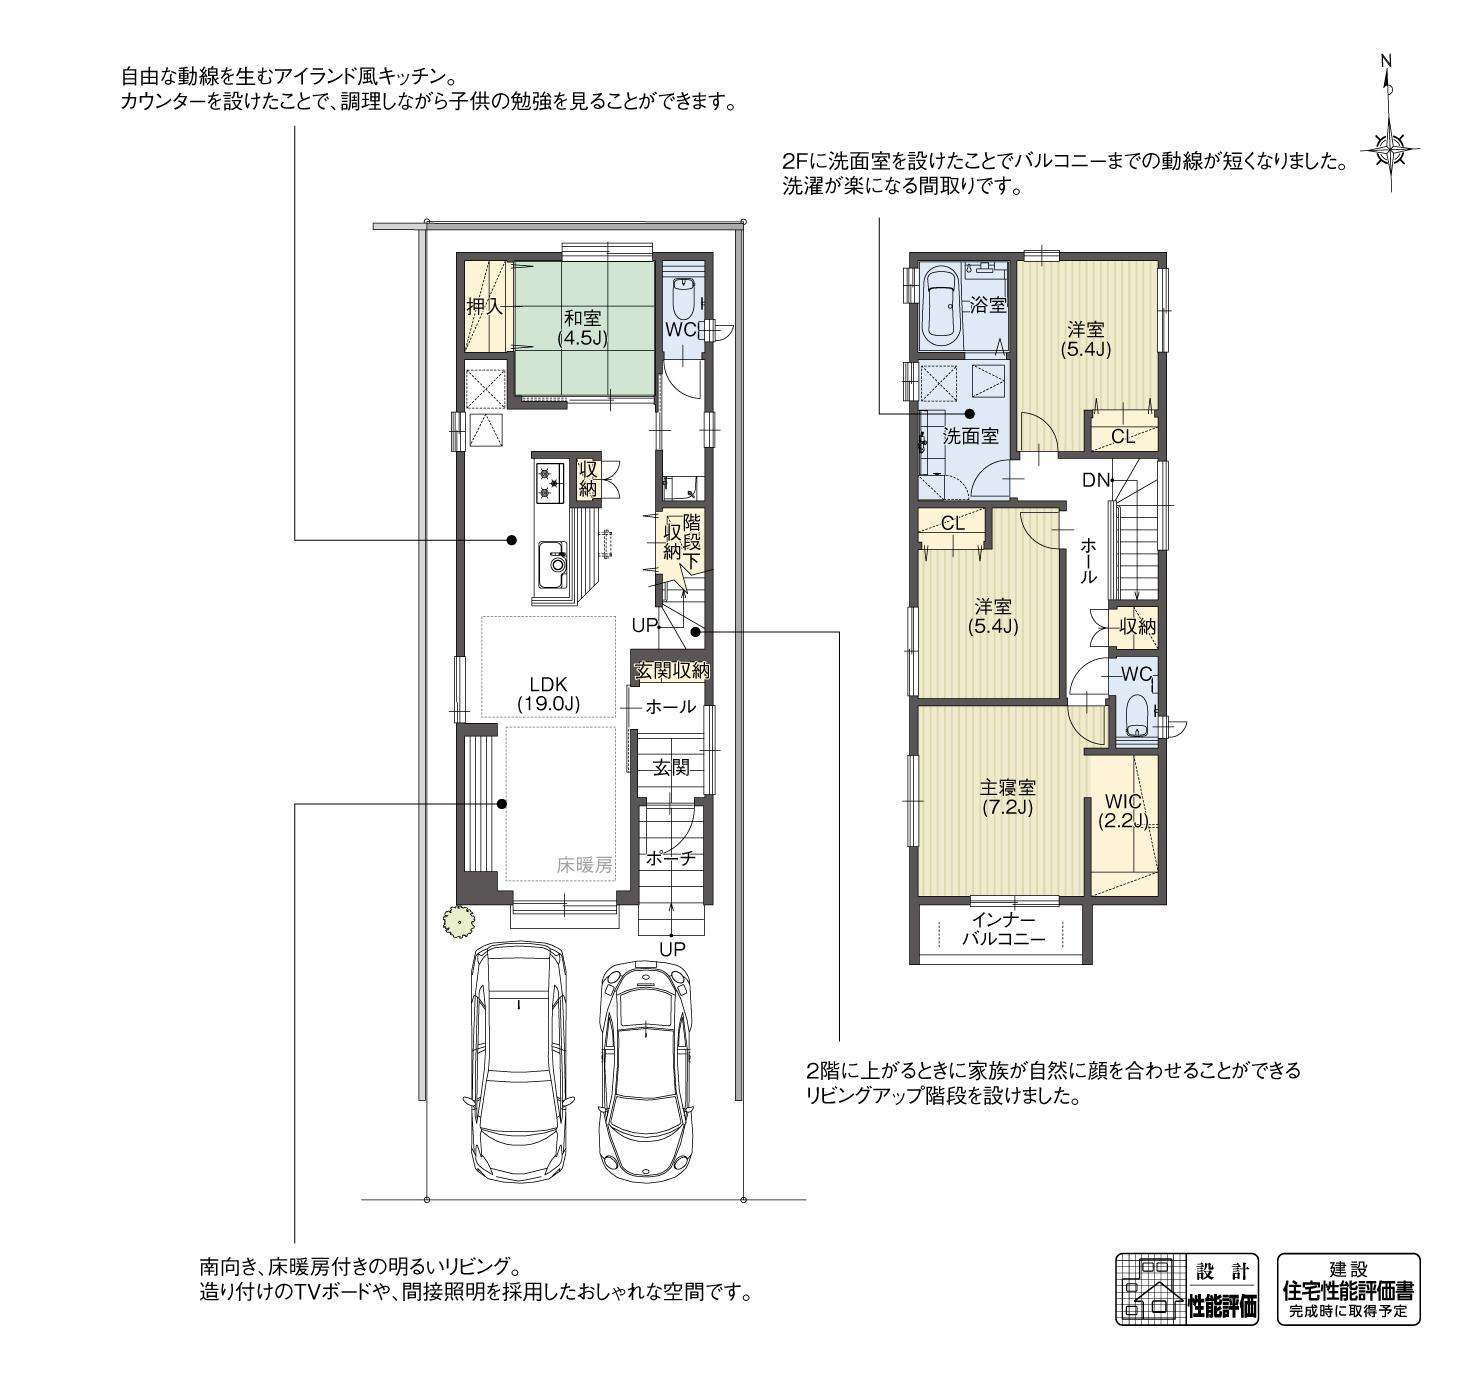 5_間取図_plan2_東海市中央町